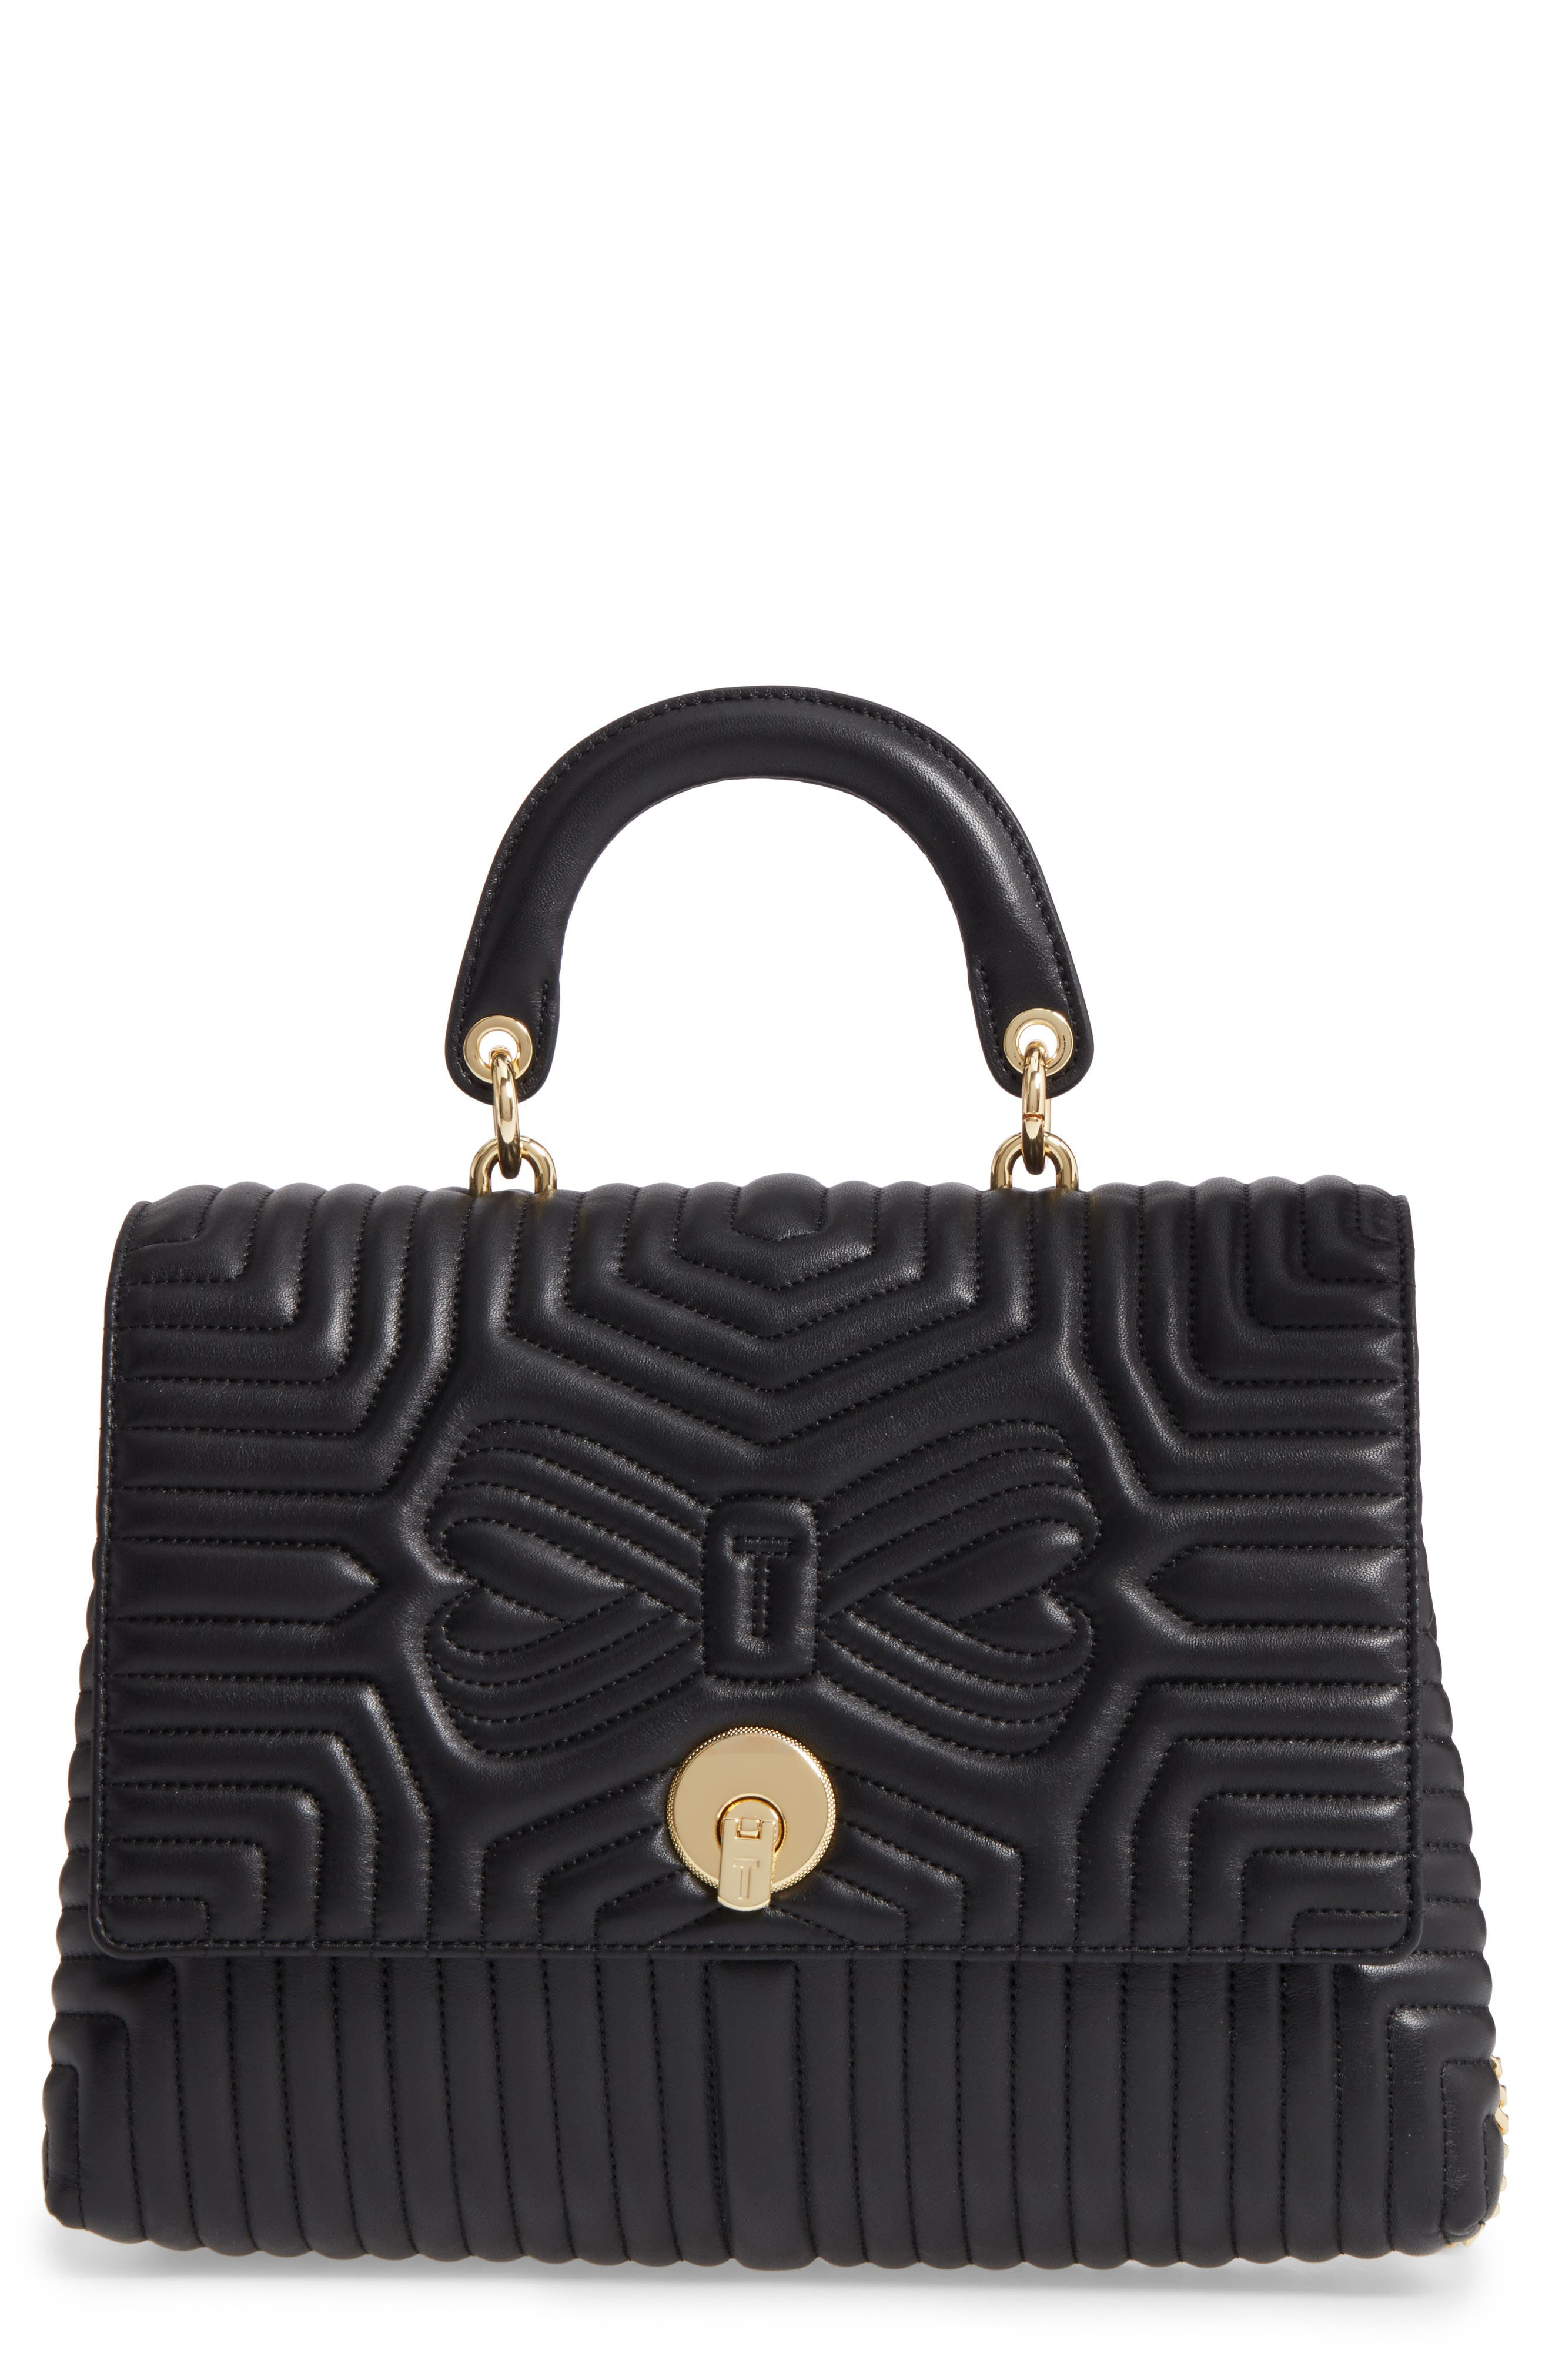 Vivida Quilted Leather Shoulder Bag,                             Main thumbnail 1, color,                             Black